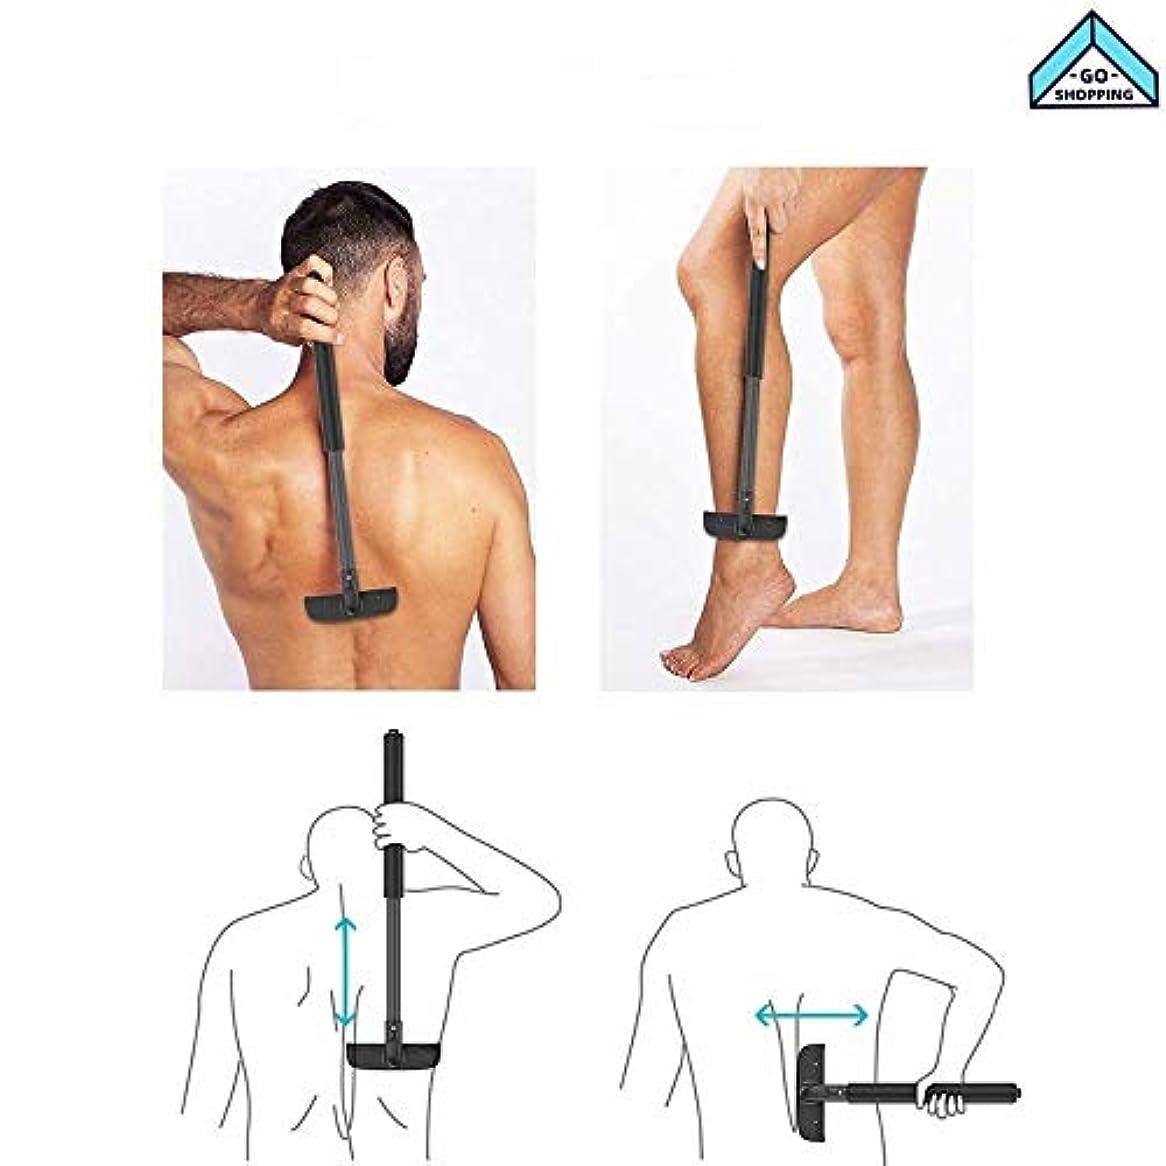 スパン交換巨大NICEE拡張可能なハンドルの痛みのないひげを剃った男性のための背中の脱毛使いやすい乾湿両方の背中の脱毛剤